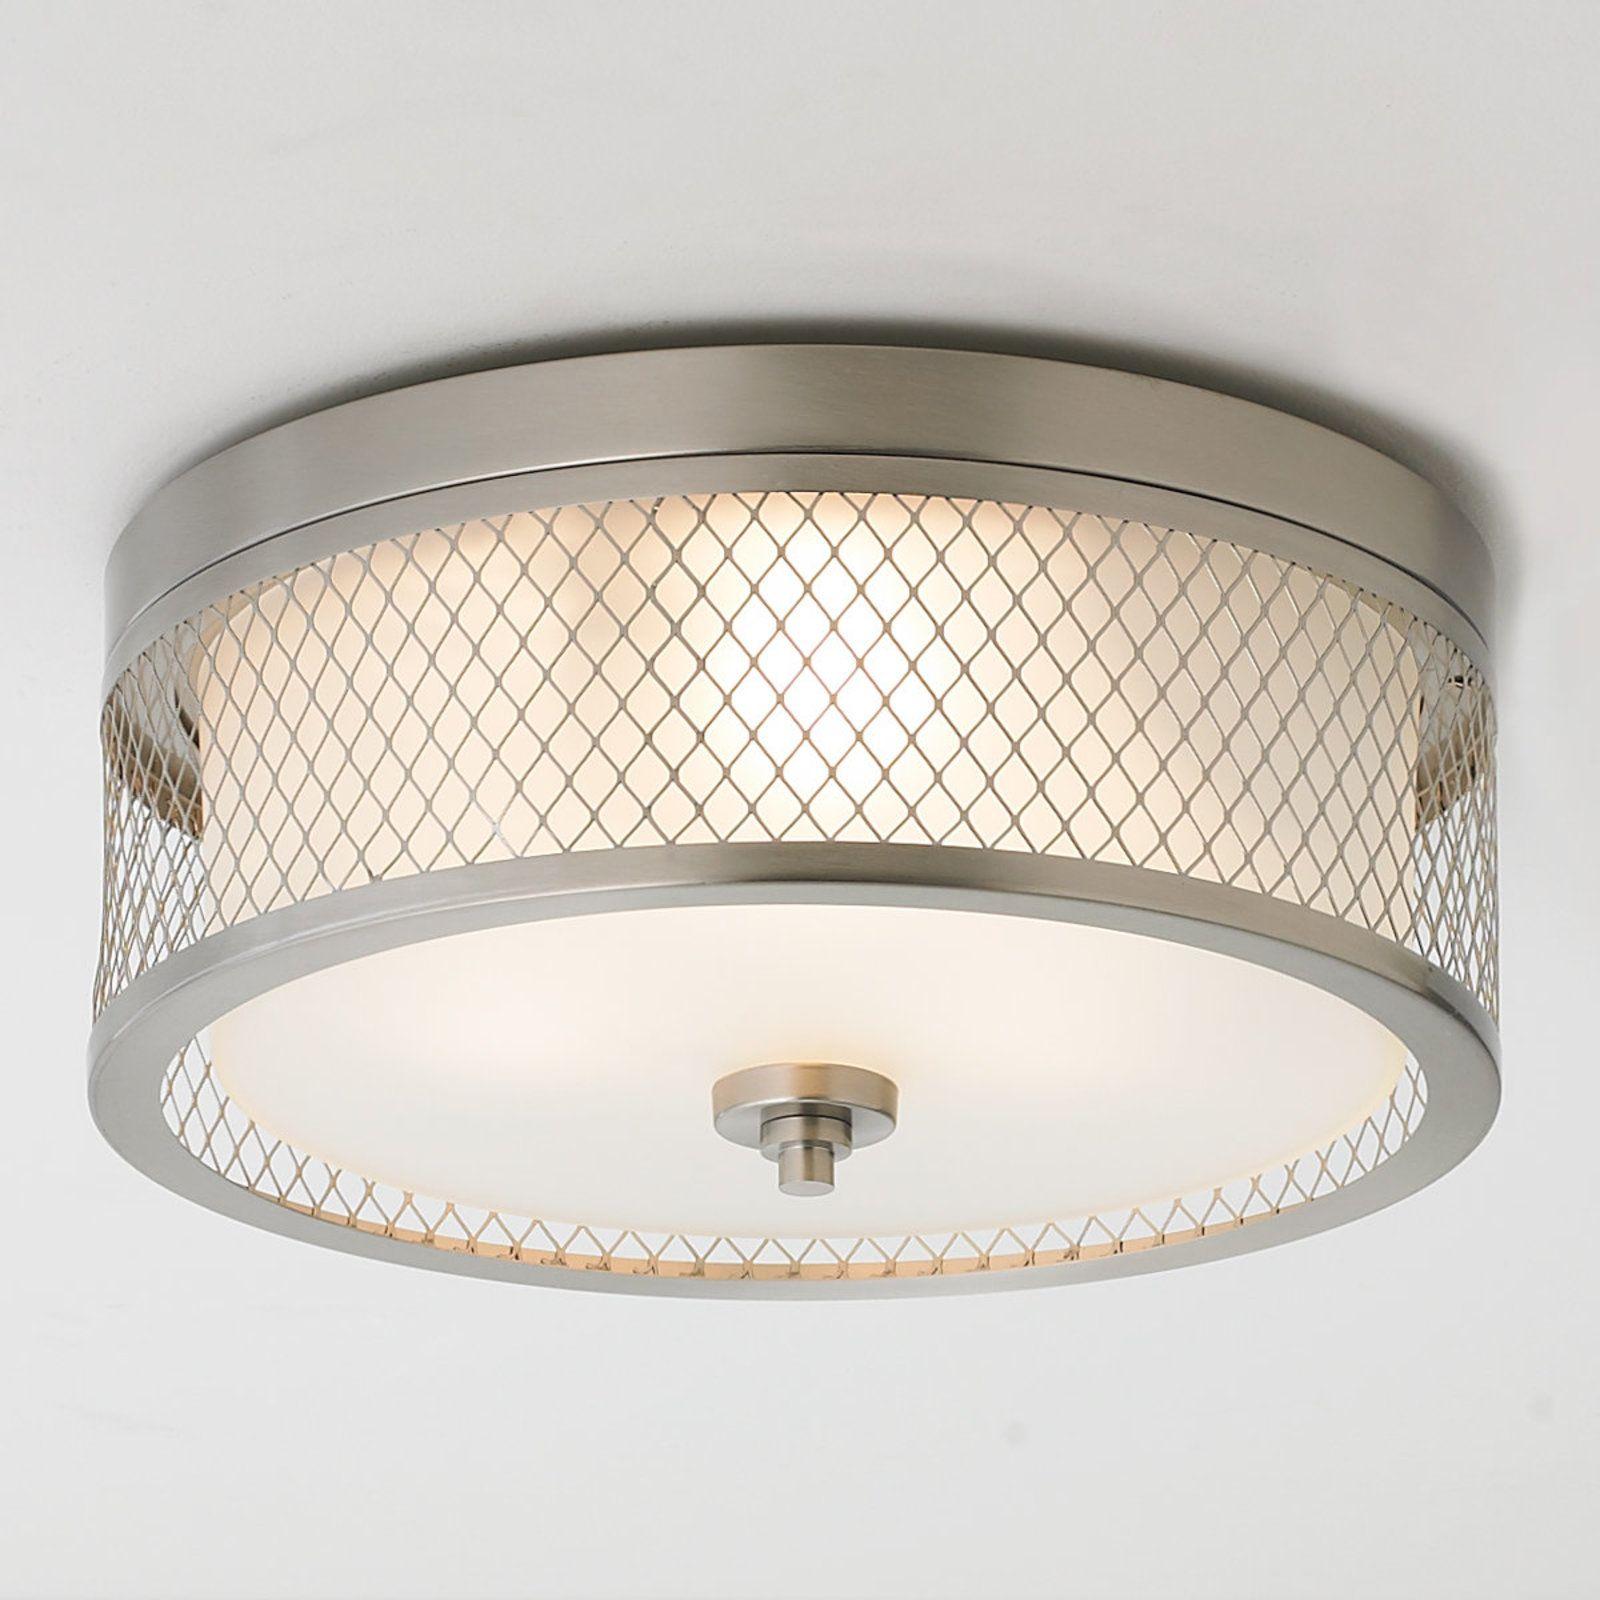 Lattice Screen Double Drum Ceiling Light